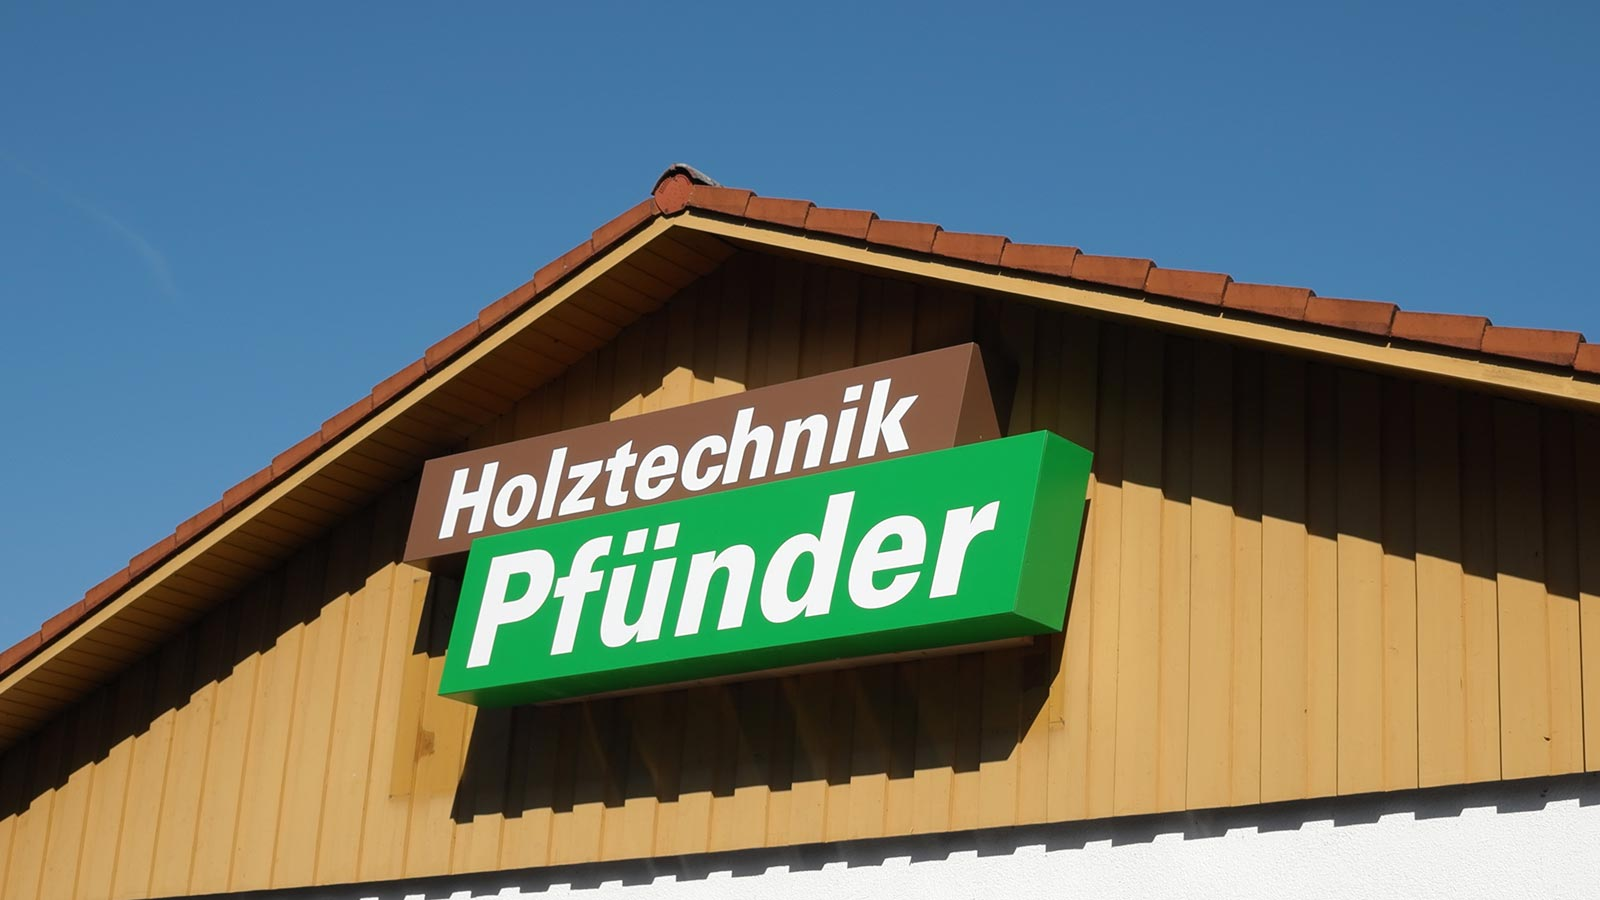 holztechnik pfuender günzburg